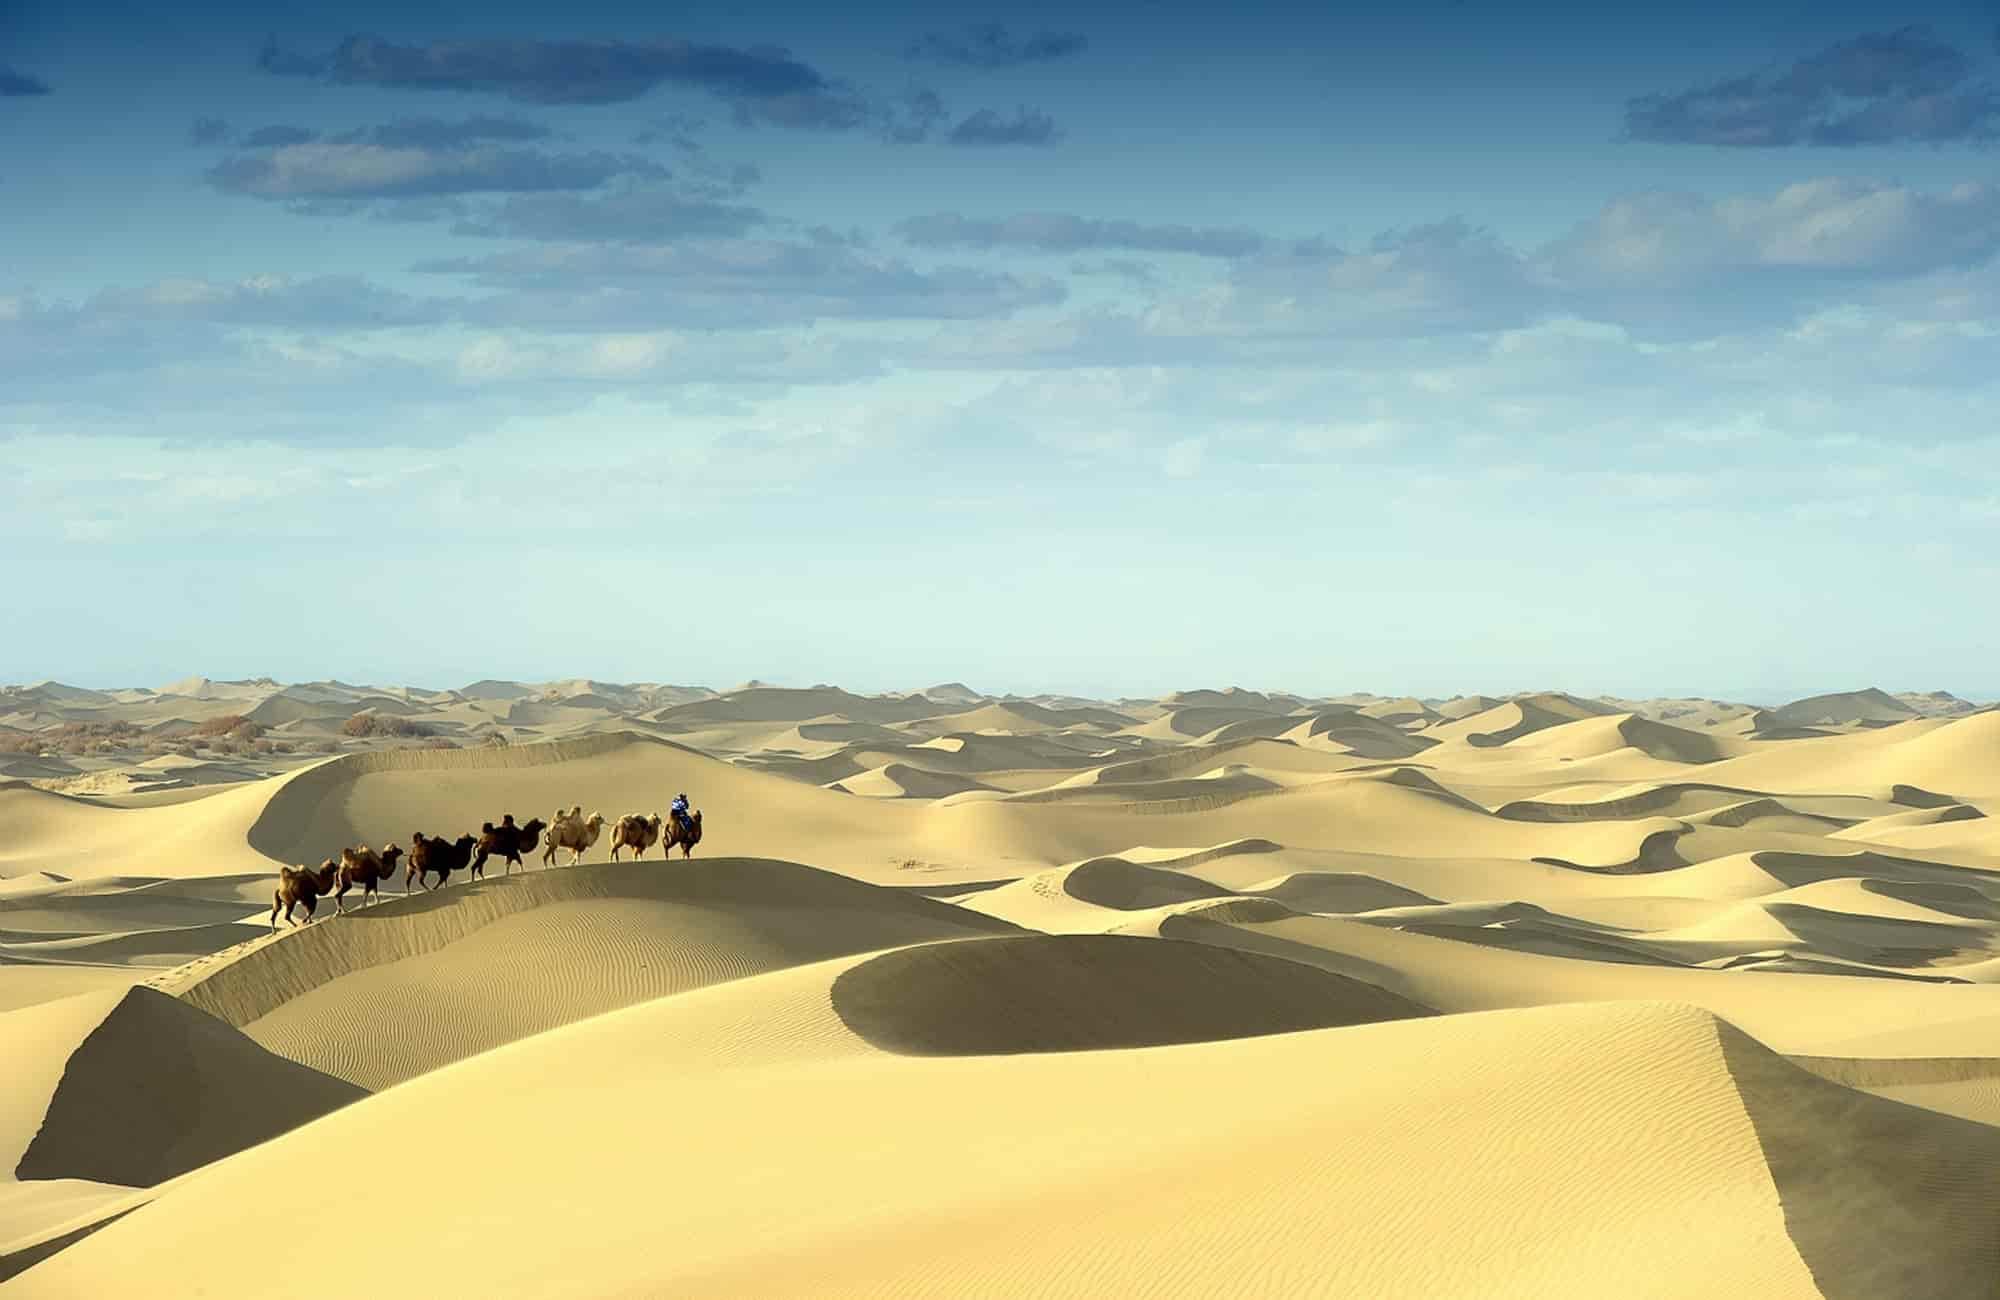 Voyage en Mongolie - Désert de Gobi - Amplitudes